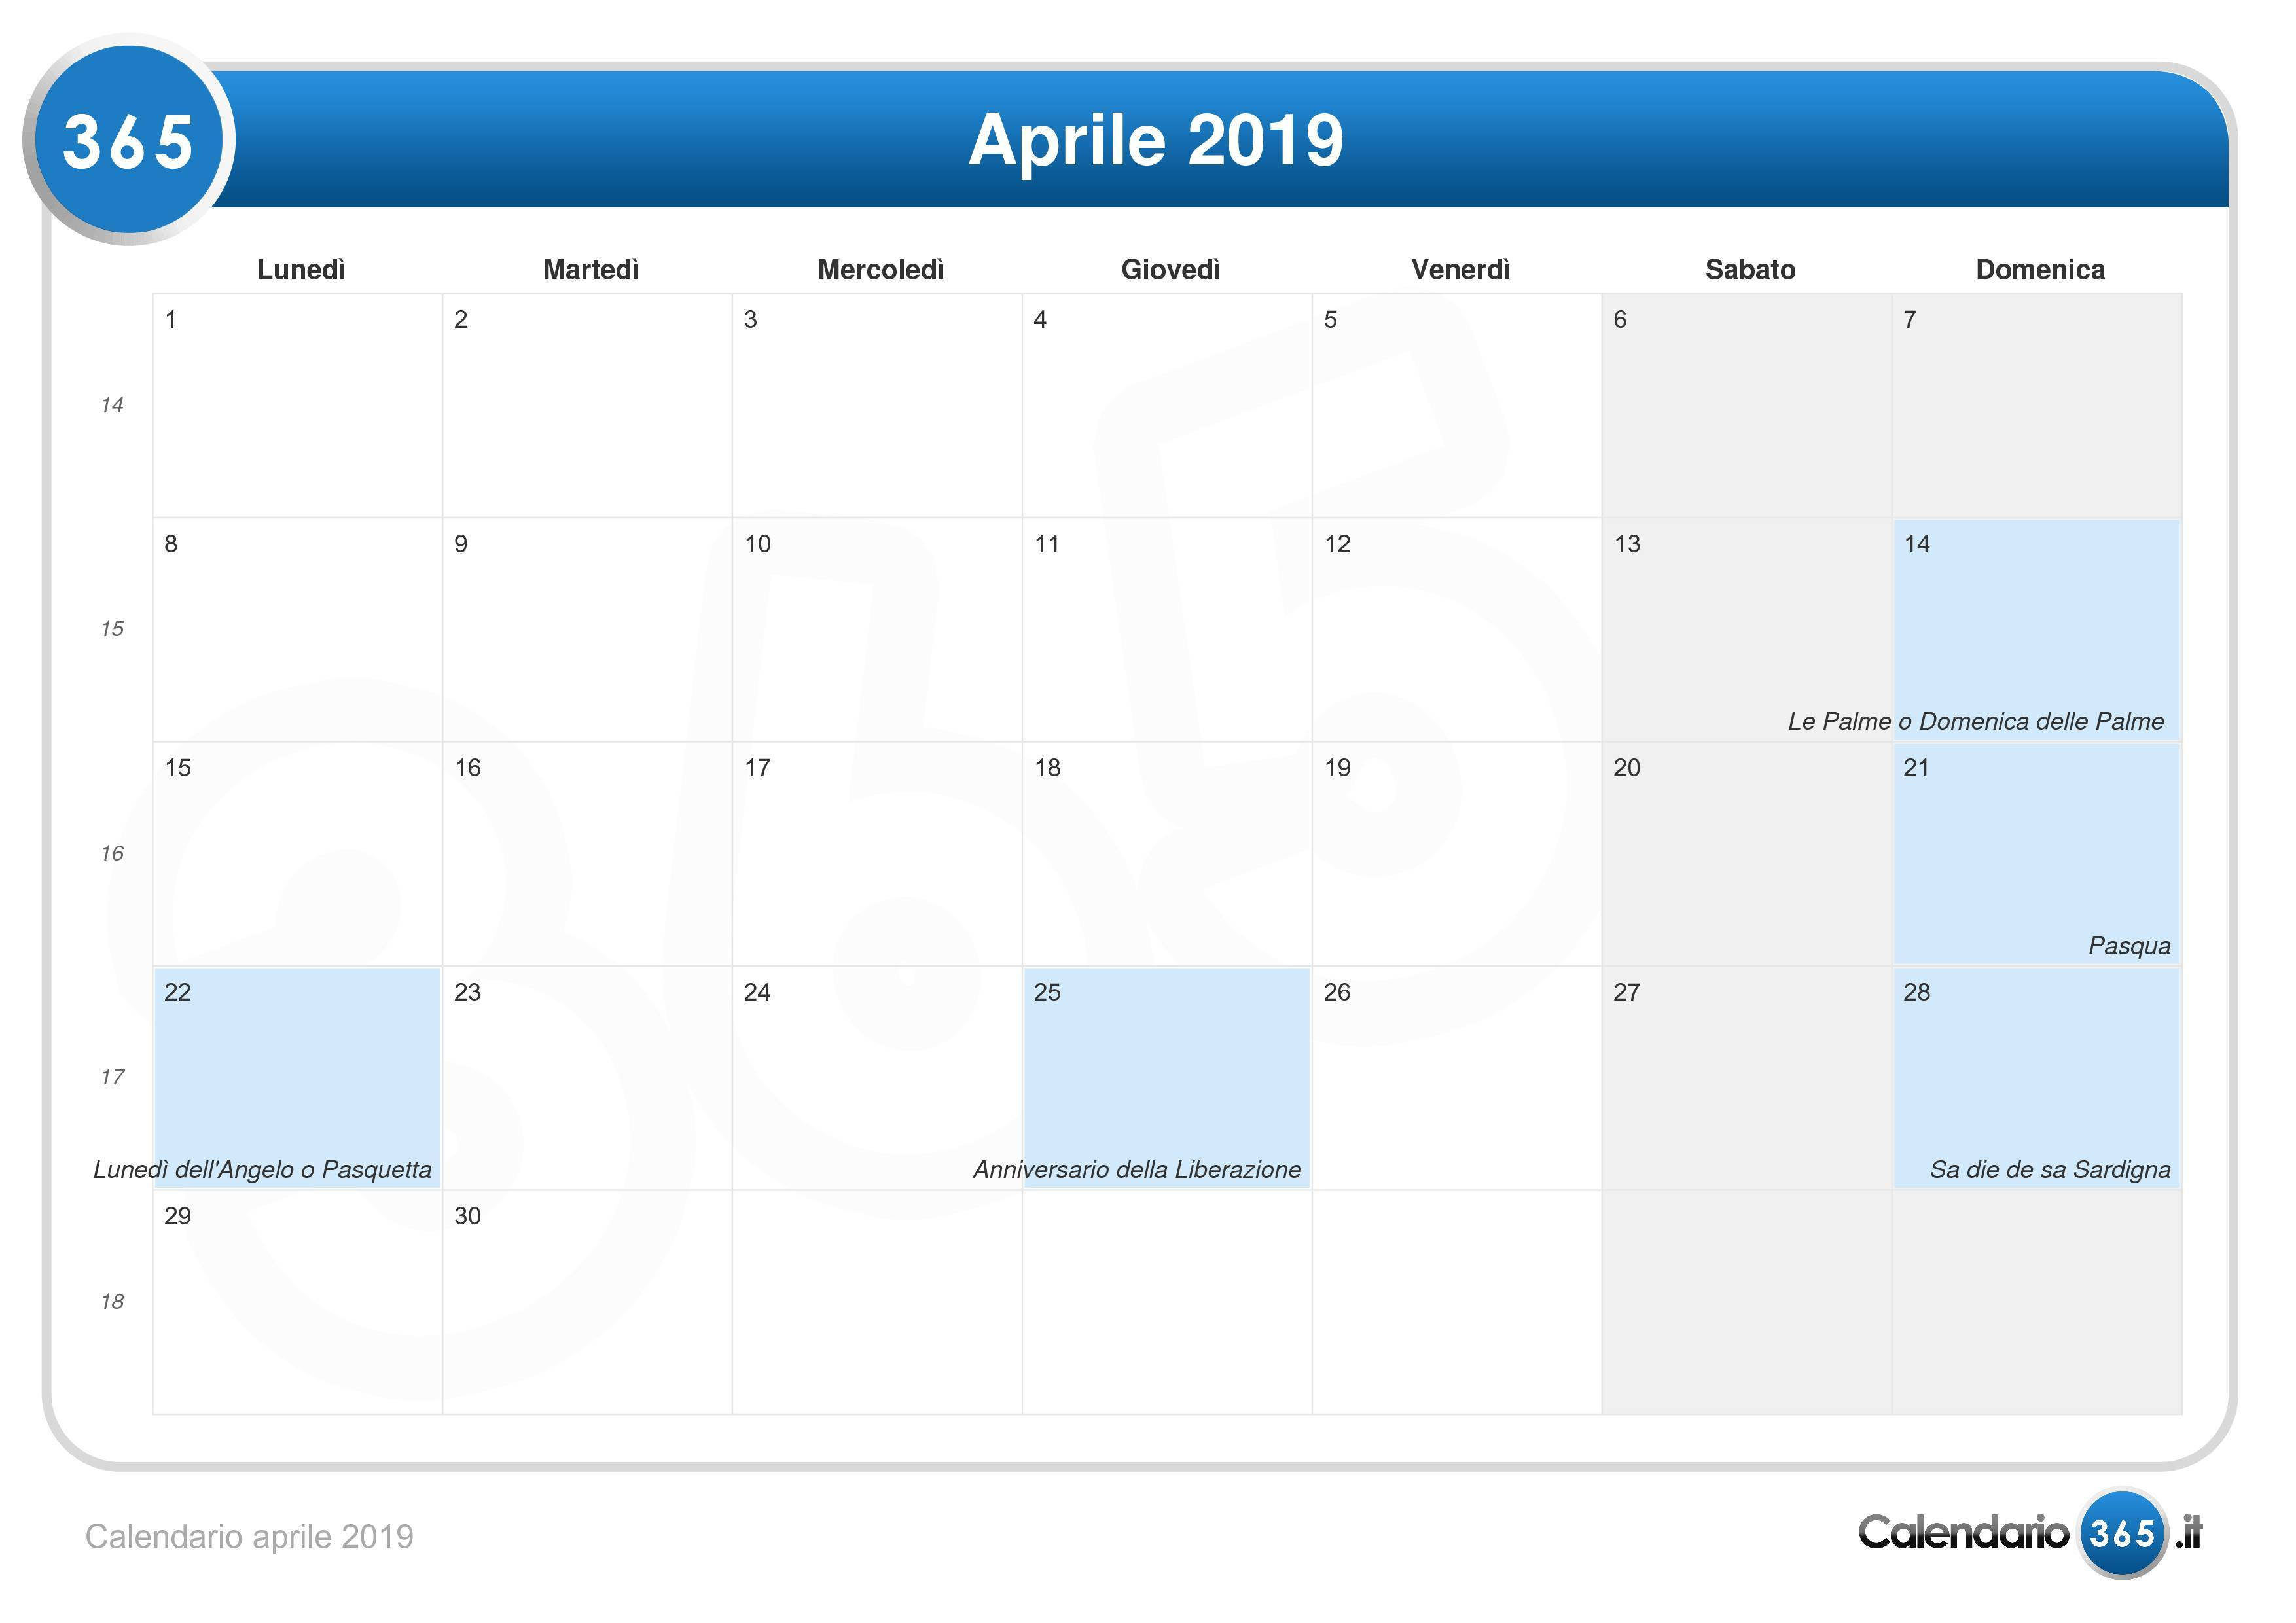 Visualizza Calendario.Calendario Aprile 2019